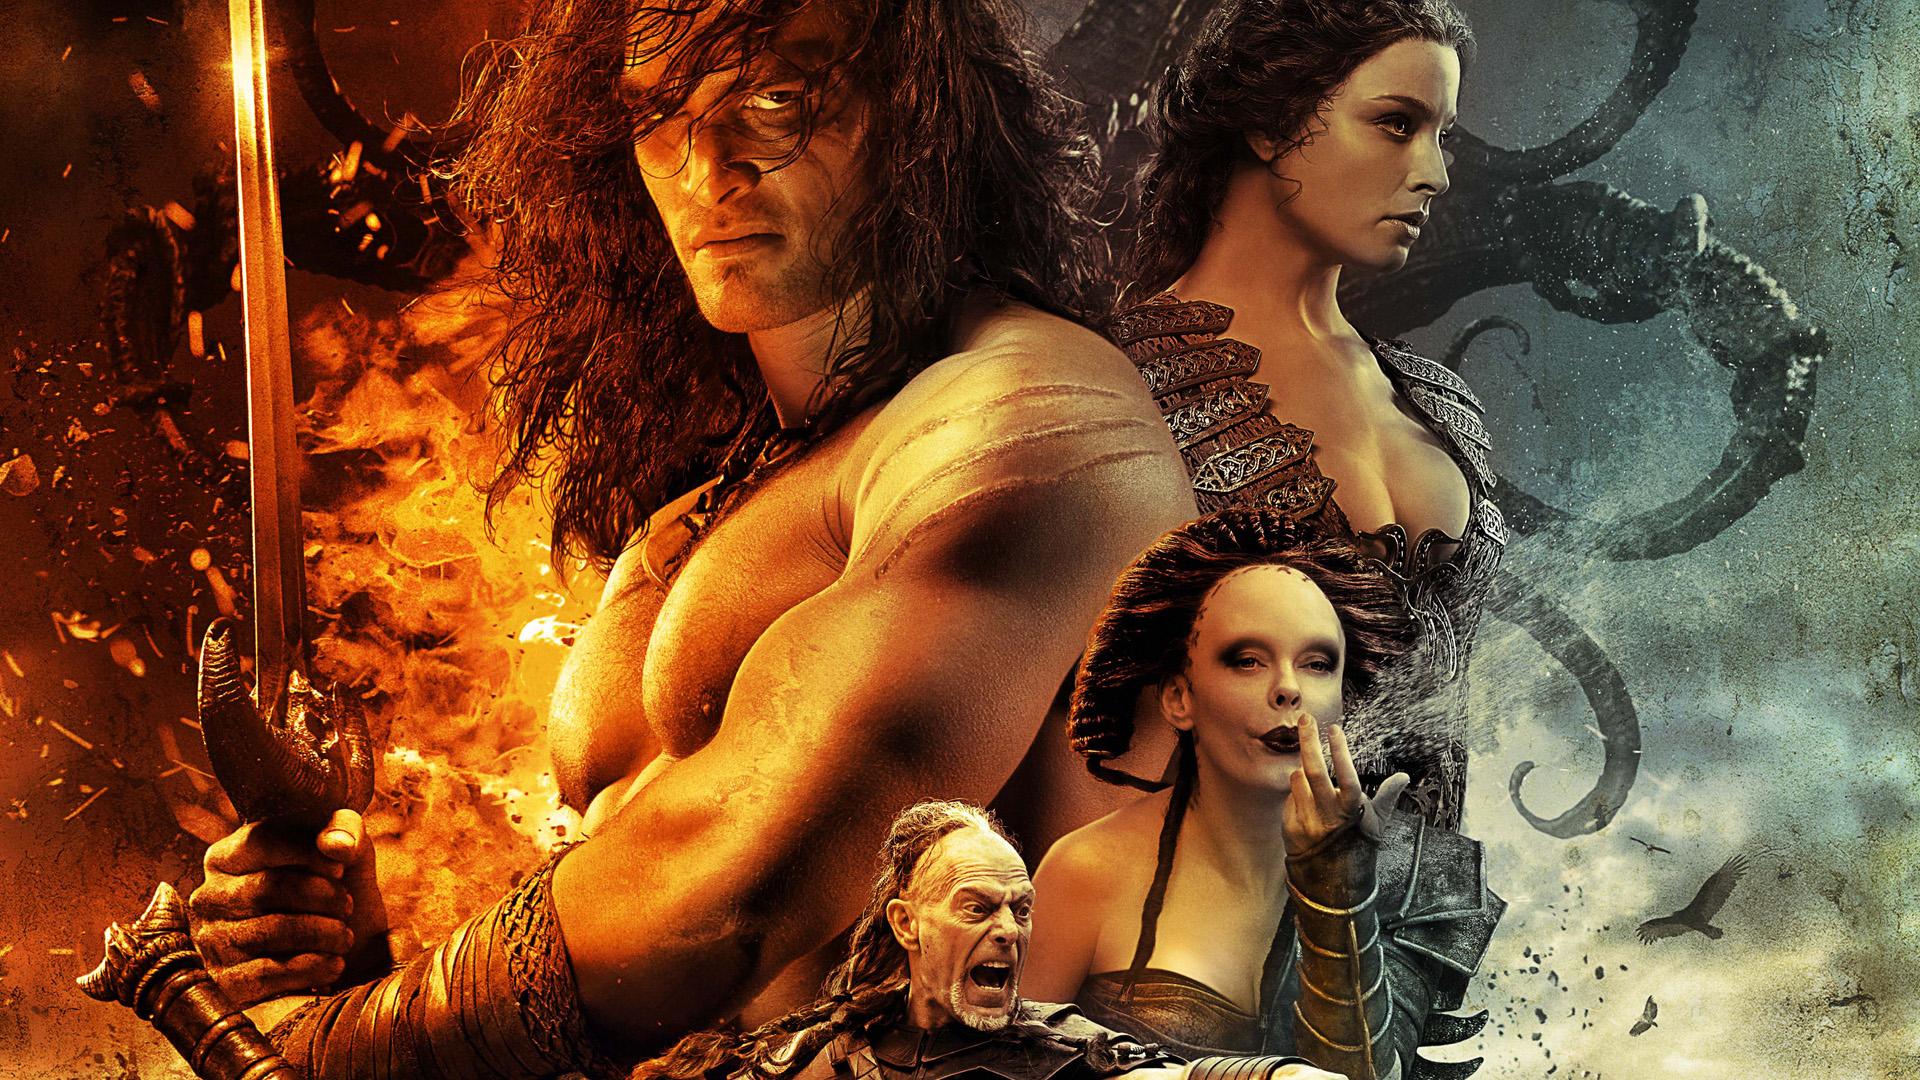 Barbarian Movies Pics Sex 3